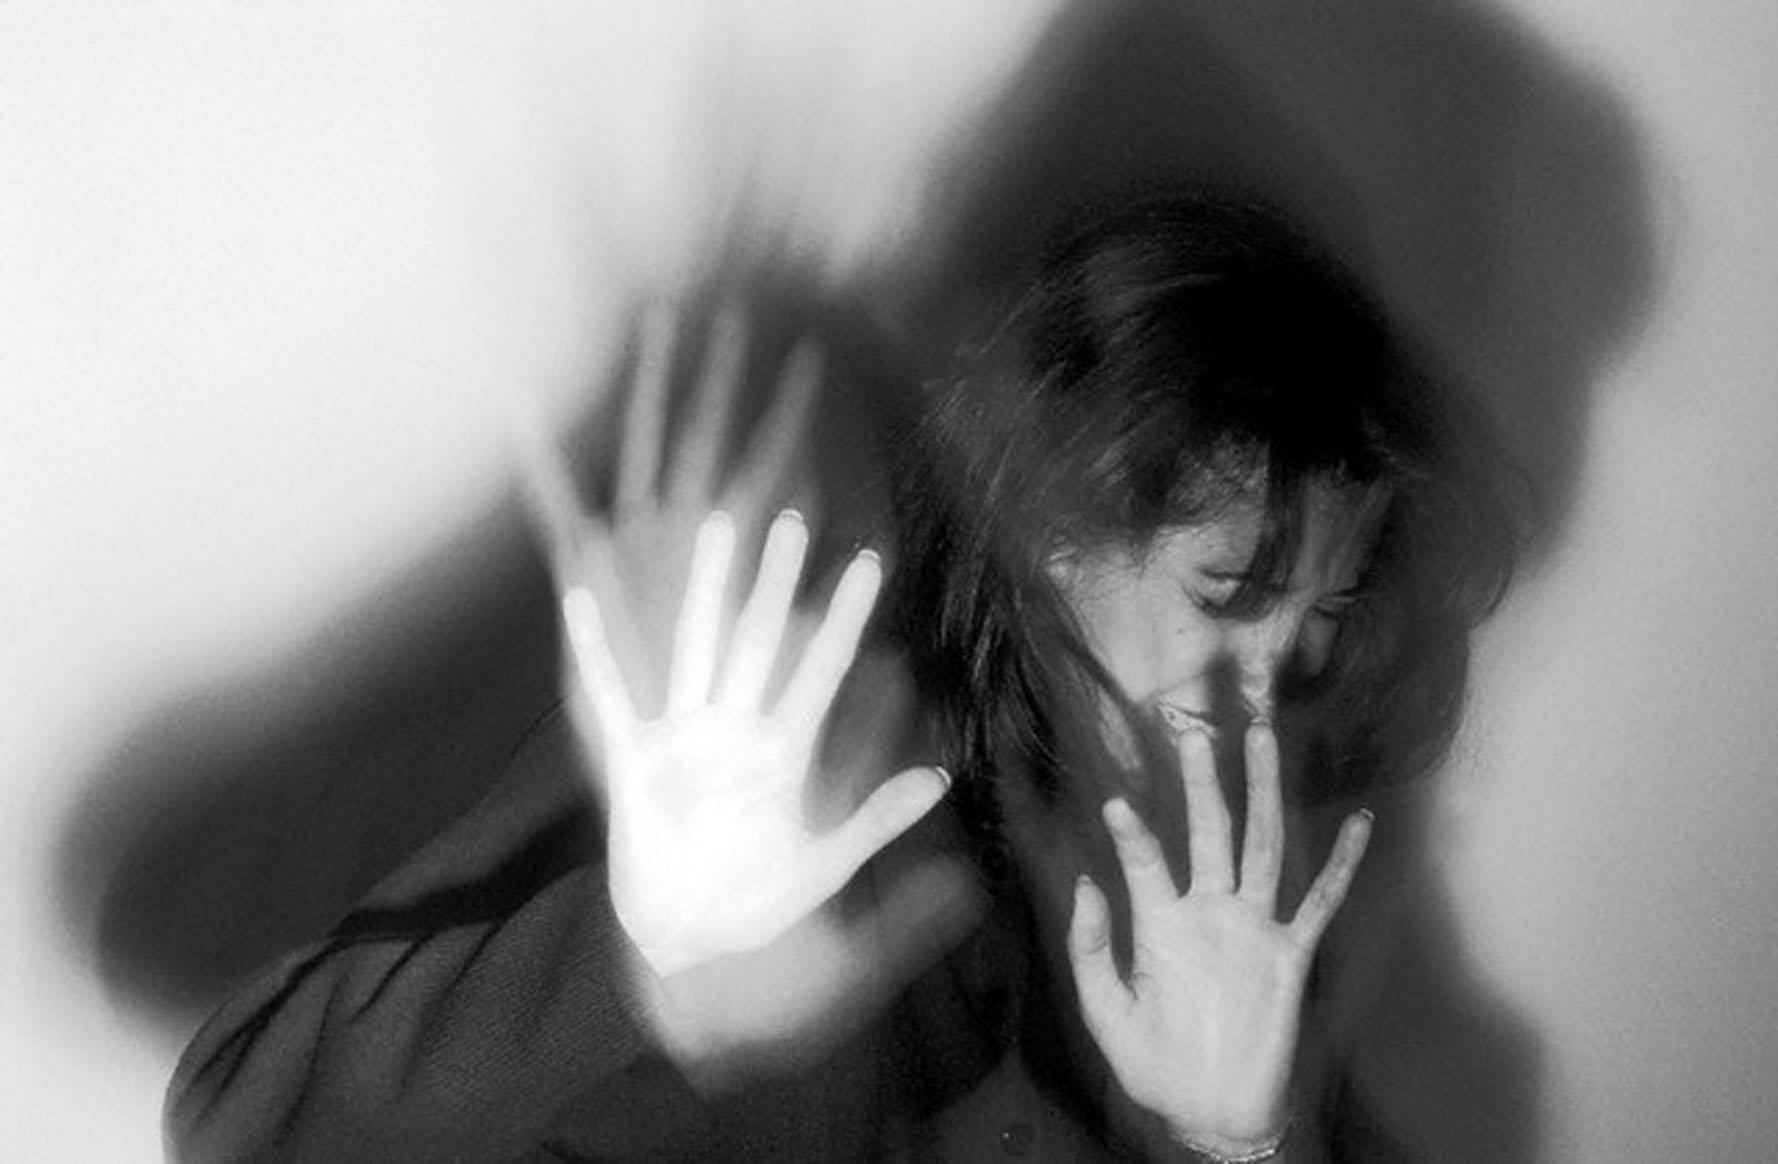 Несовершеннолетнего задержали за подозрением в изнасиловании